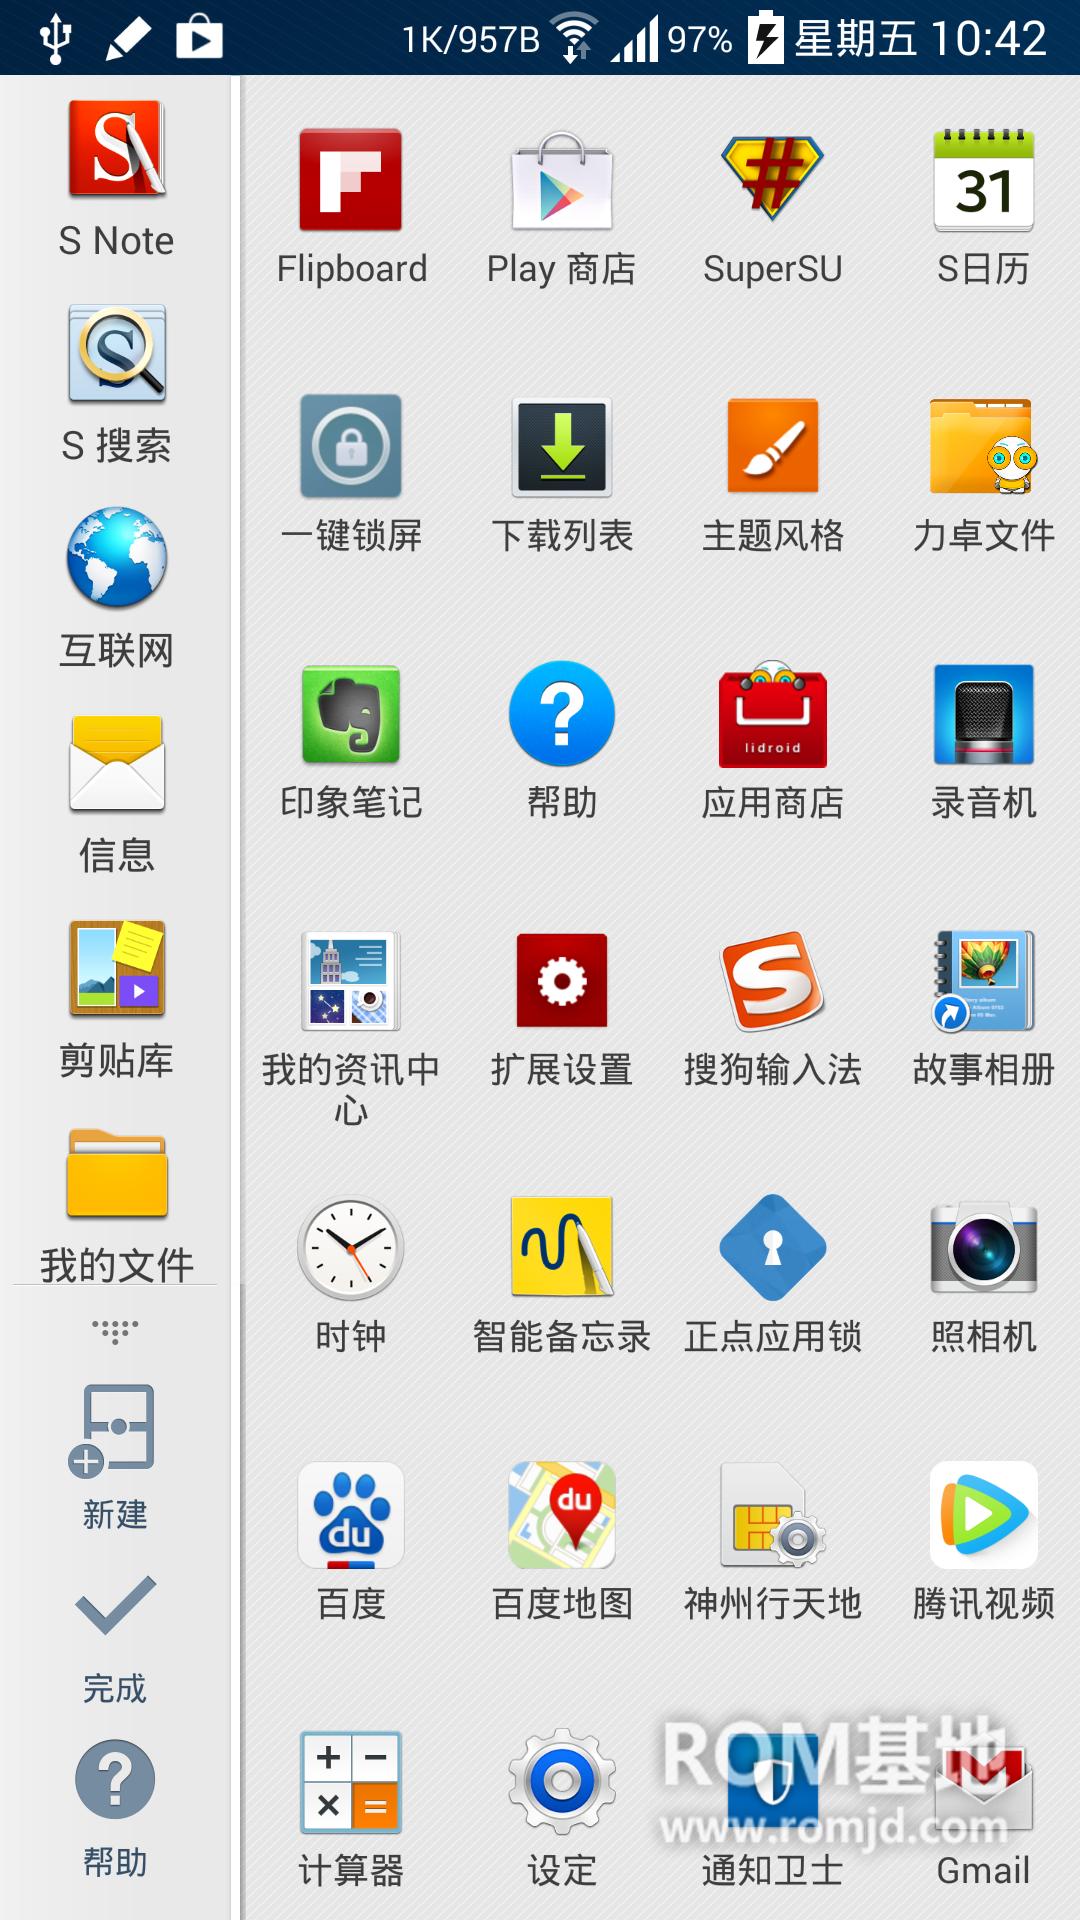 三星 N900(Note3) 刷机包 Lidroid 4.4.2 v2.2/完美ROOT/主题支持/ROM刷机包截图